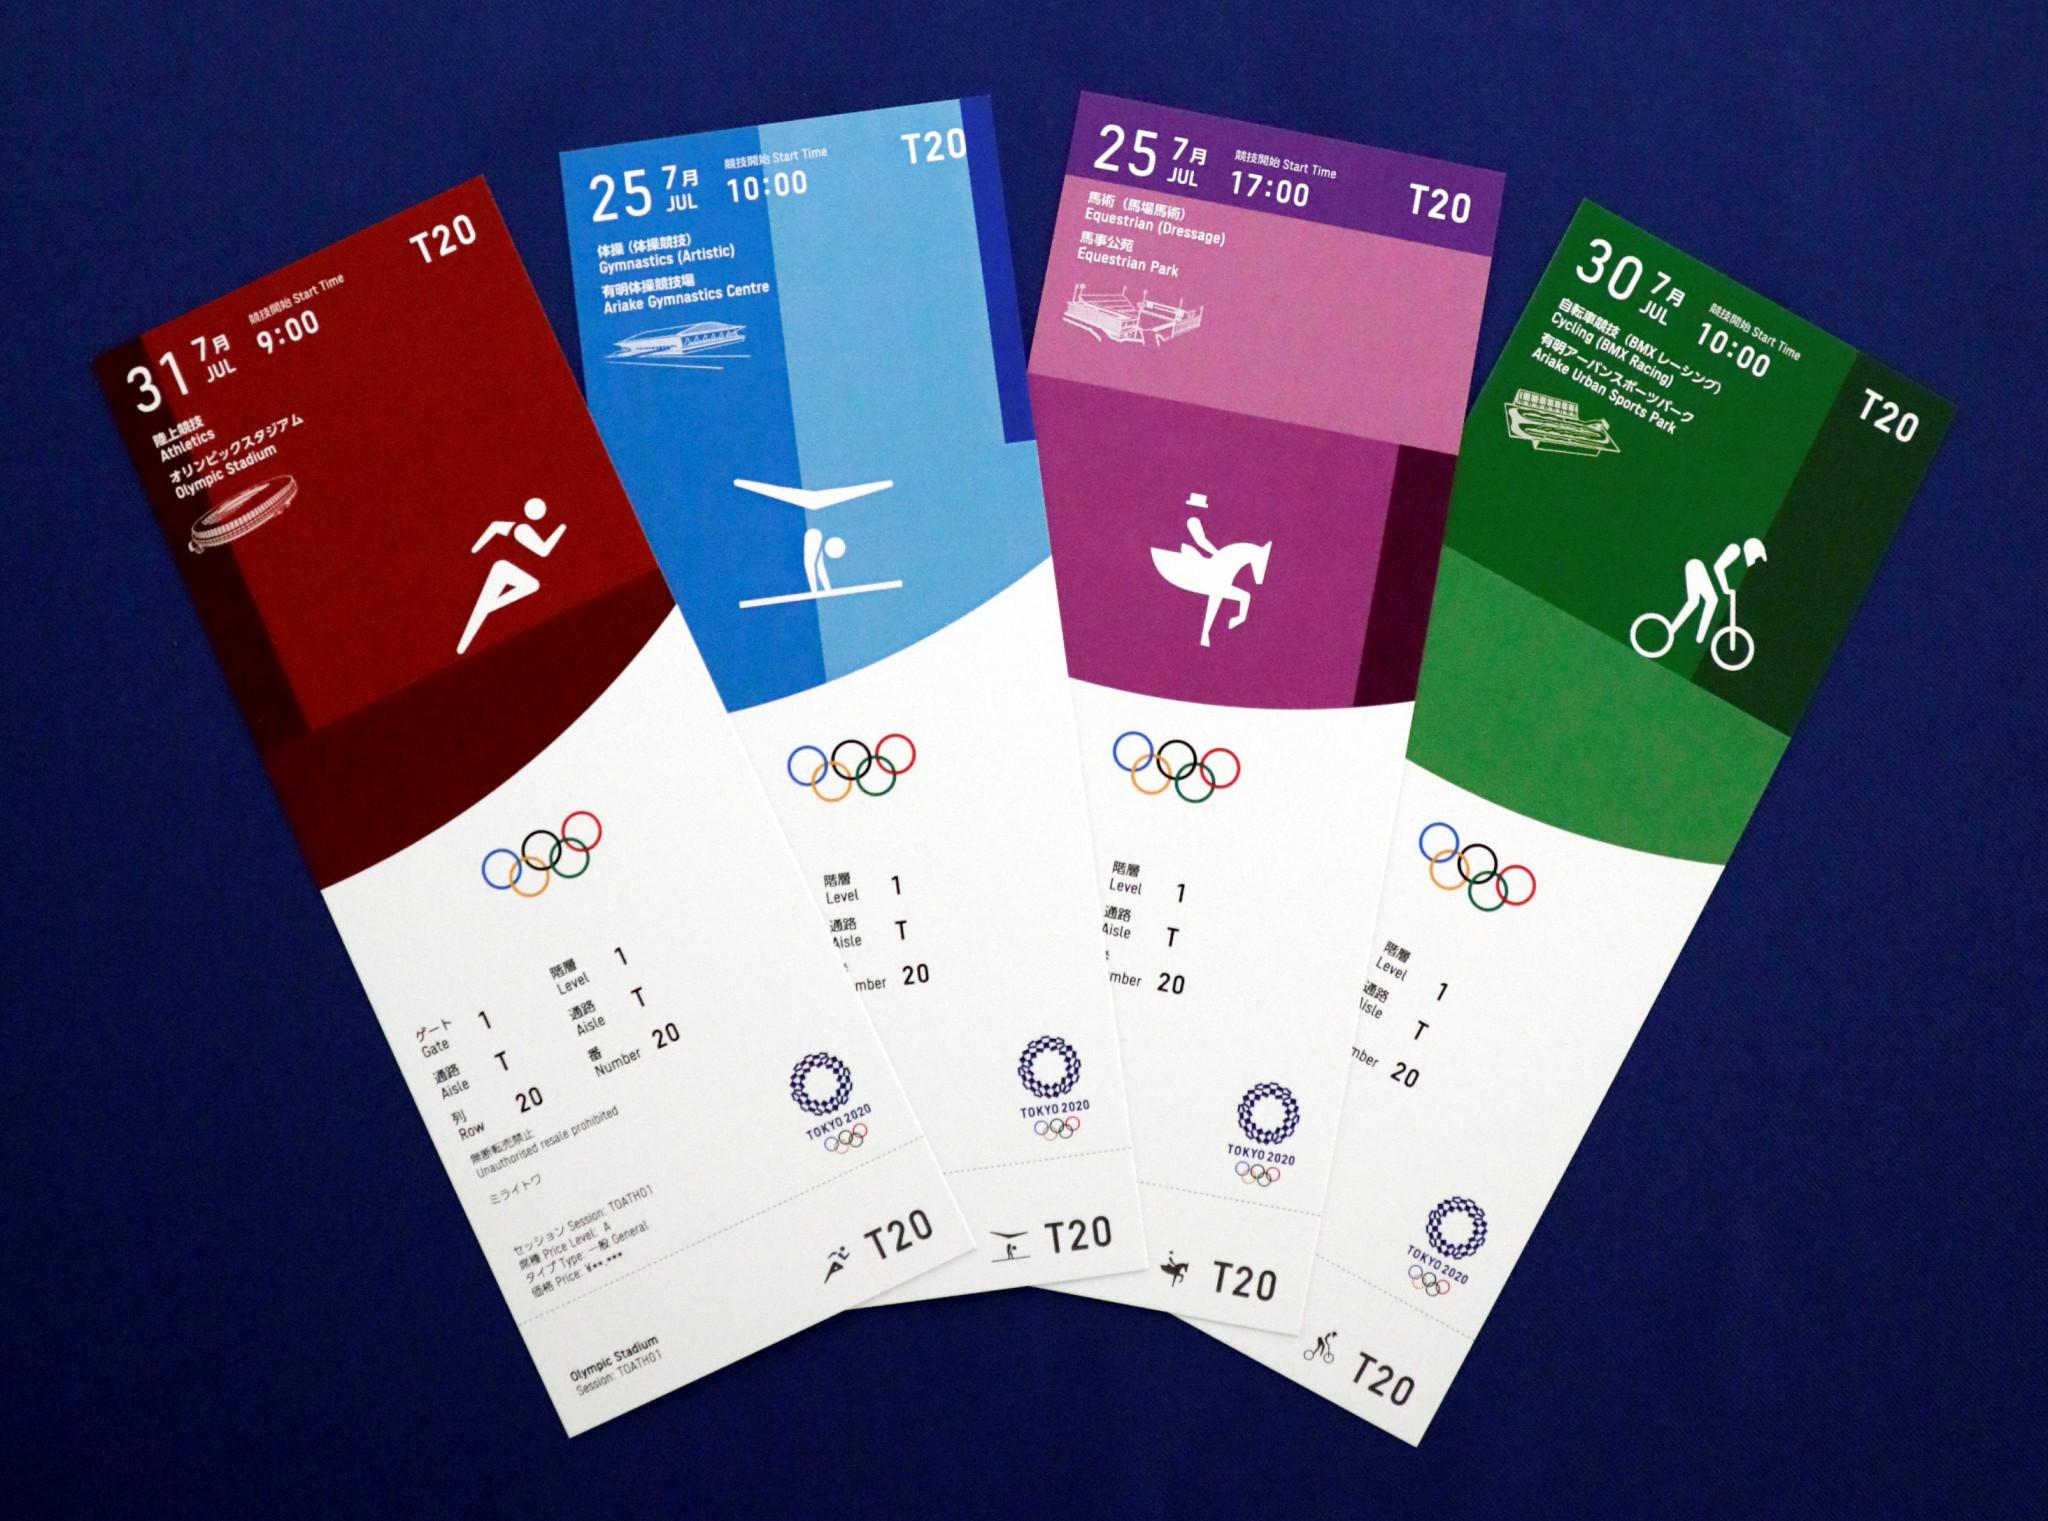 Tokio 2020 confirma proceso de reembolso de los Juegos Olímpicos y Paralímpicos